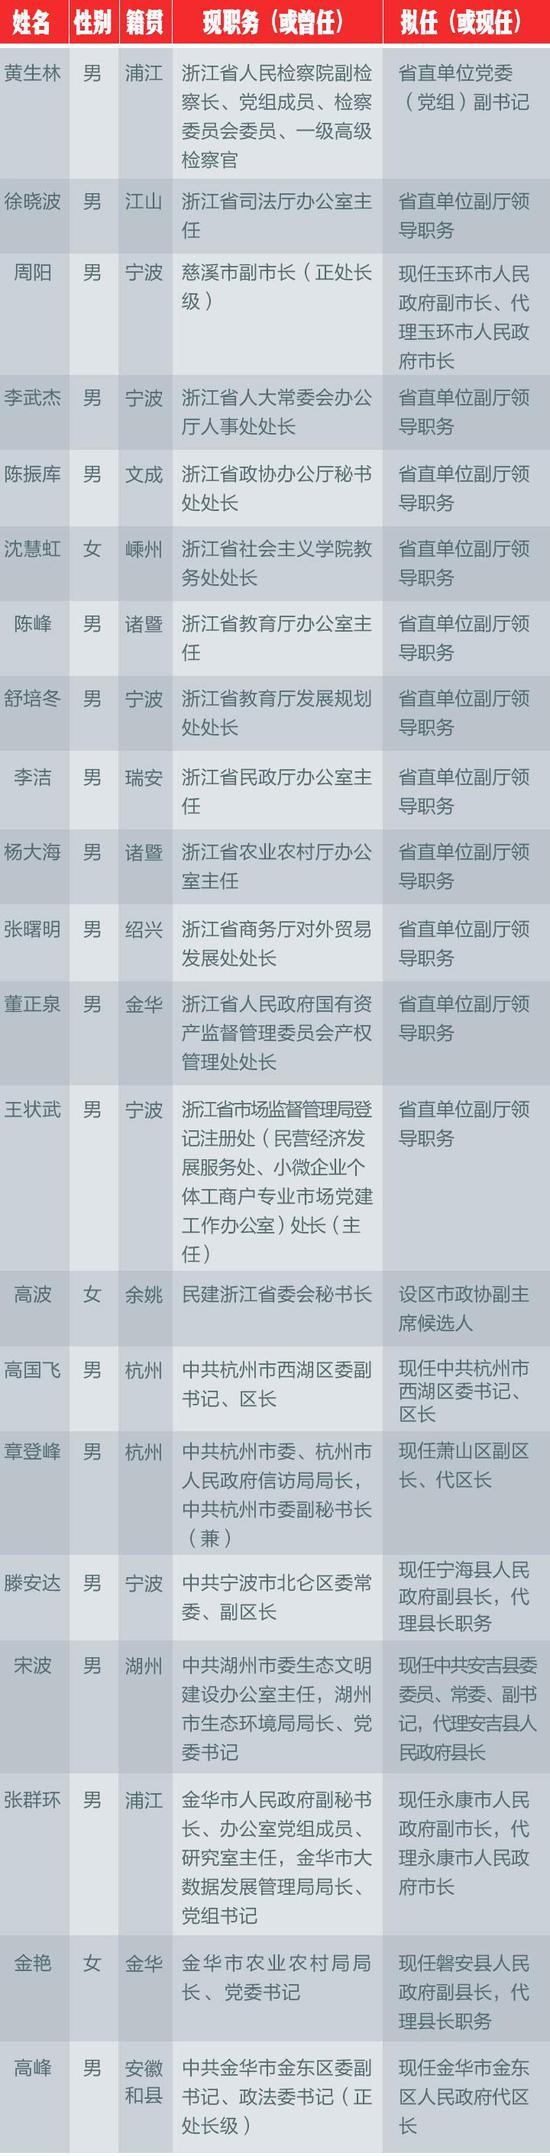 ag平台在线游戏的微博_女书法名家孙晓云小字行书秋声赋,到底好在哪?